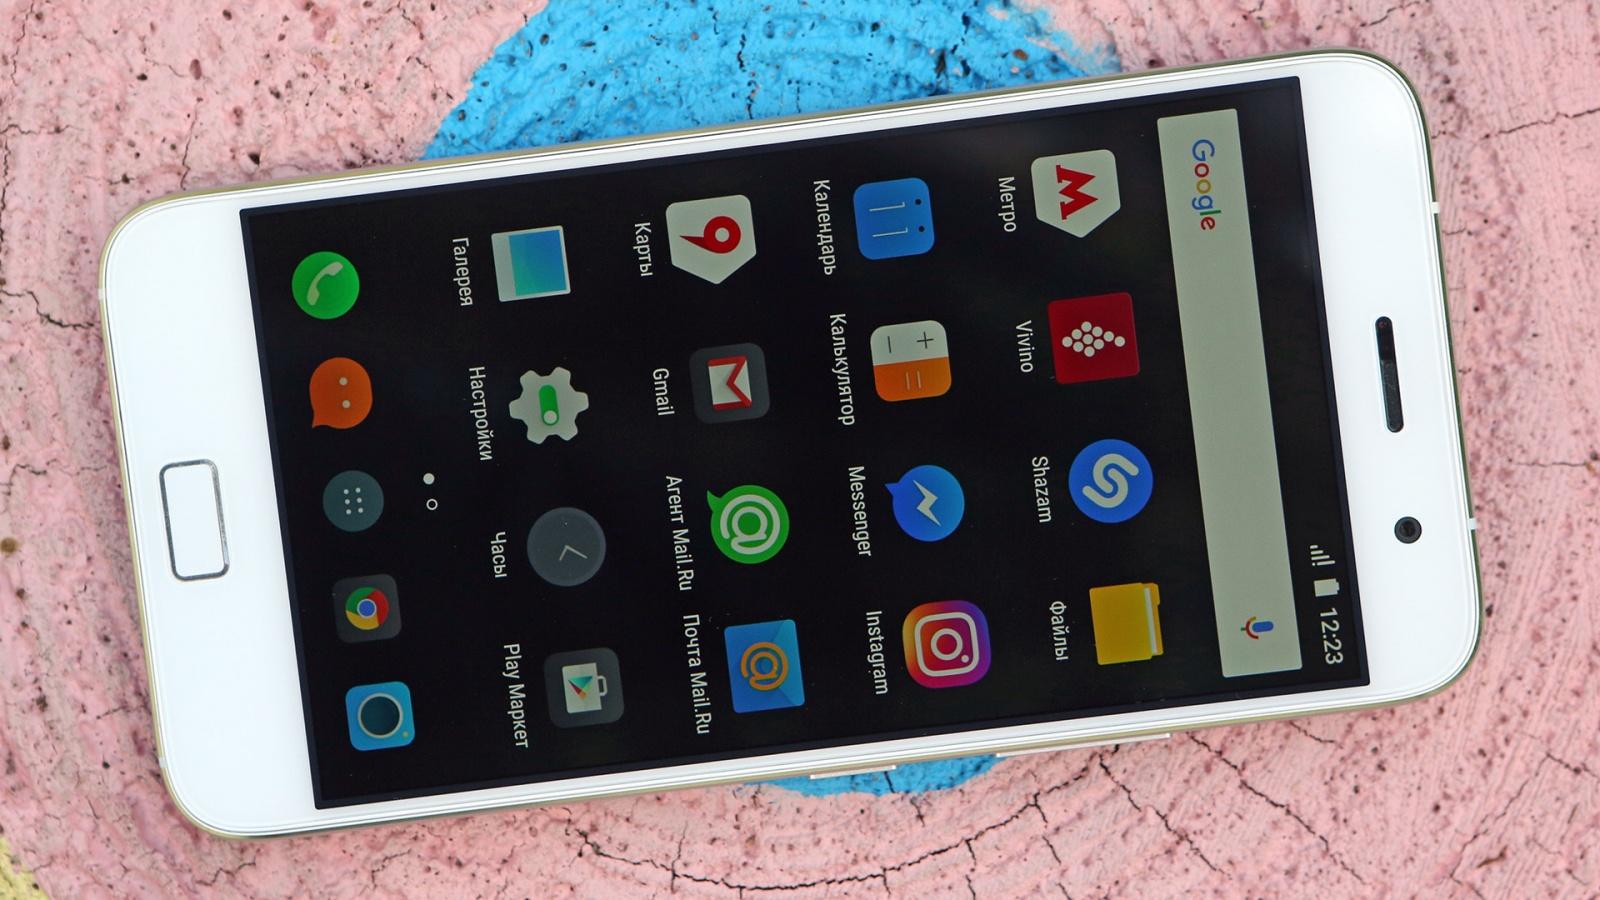 Обзор смартфона ZUK Z1: мощность и автономность по доступной цене - 1